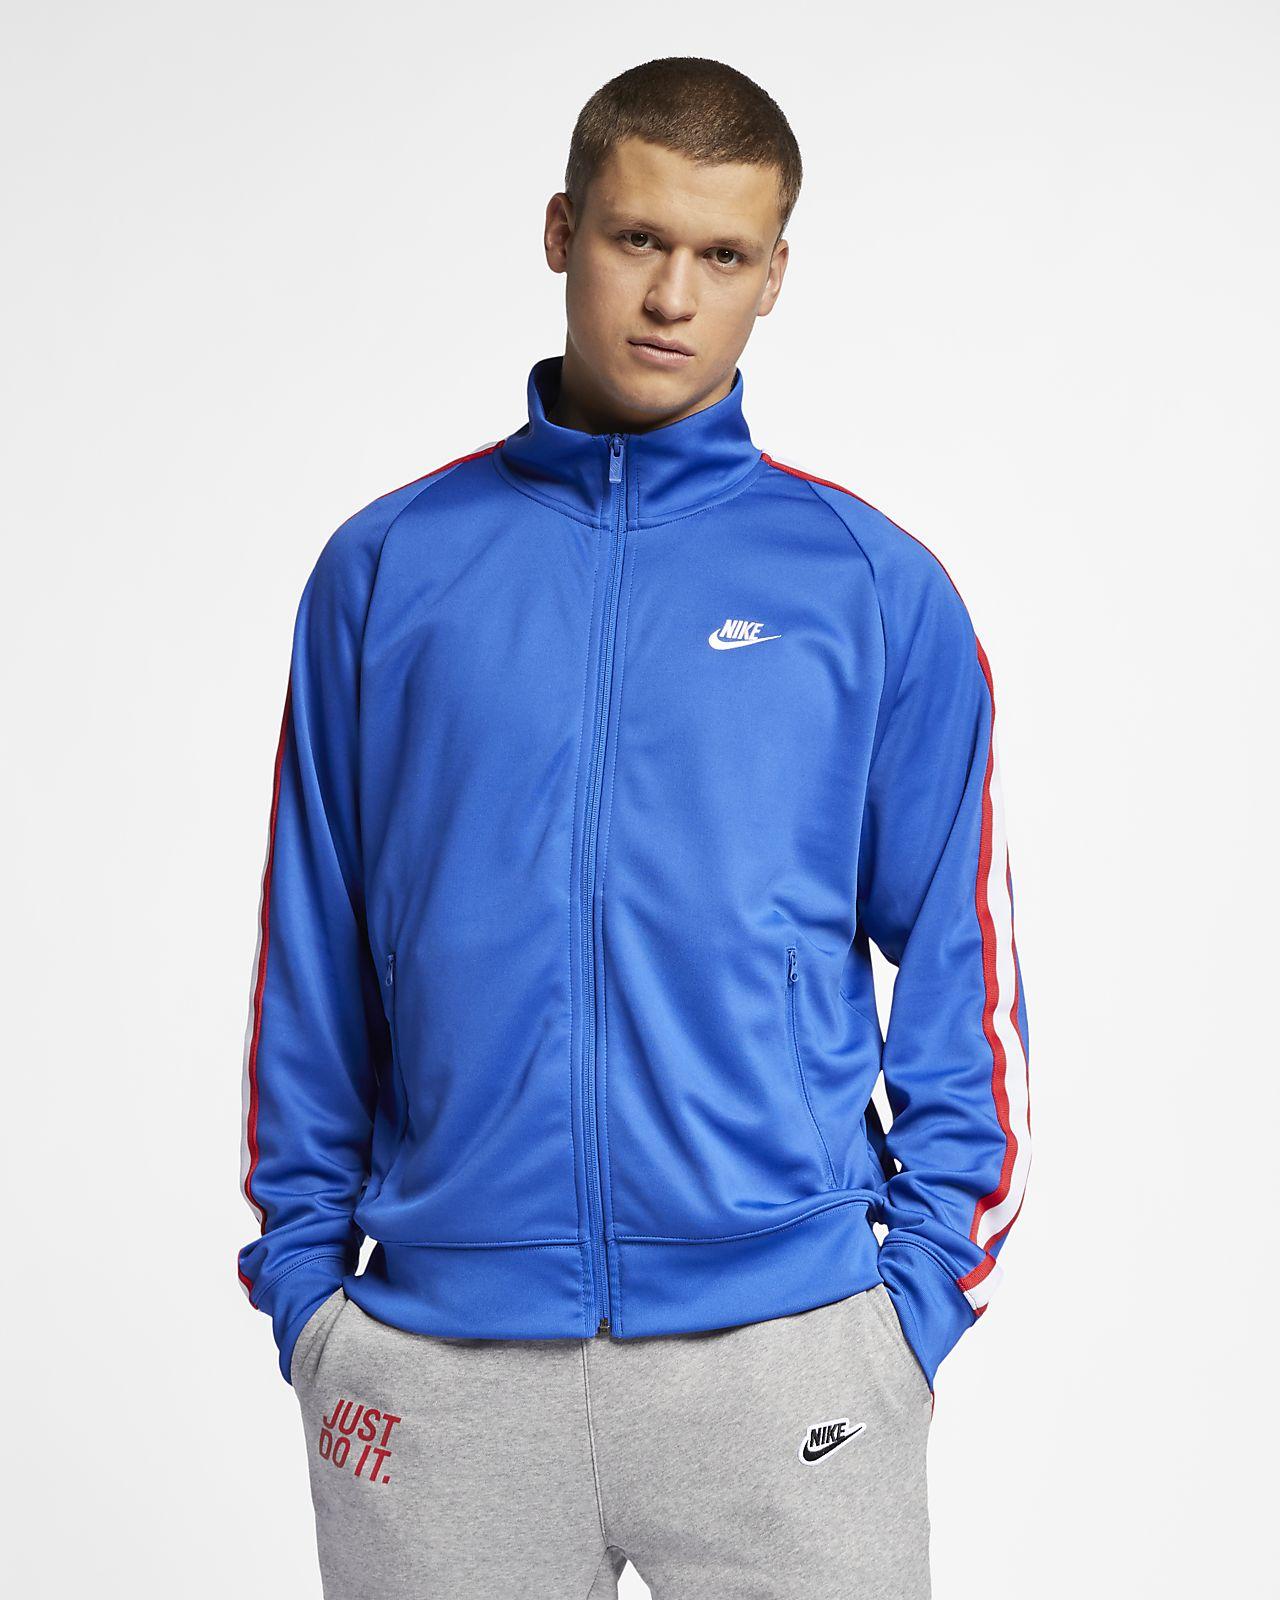 4498640f126a Nike Sportswear N98 Men s Knit Warm-Up Jacket. Nike.com